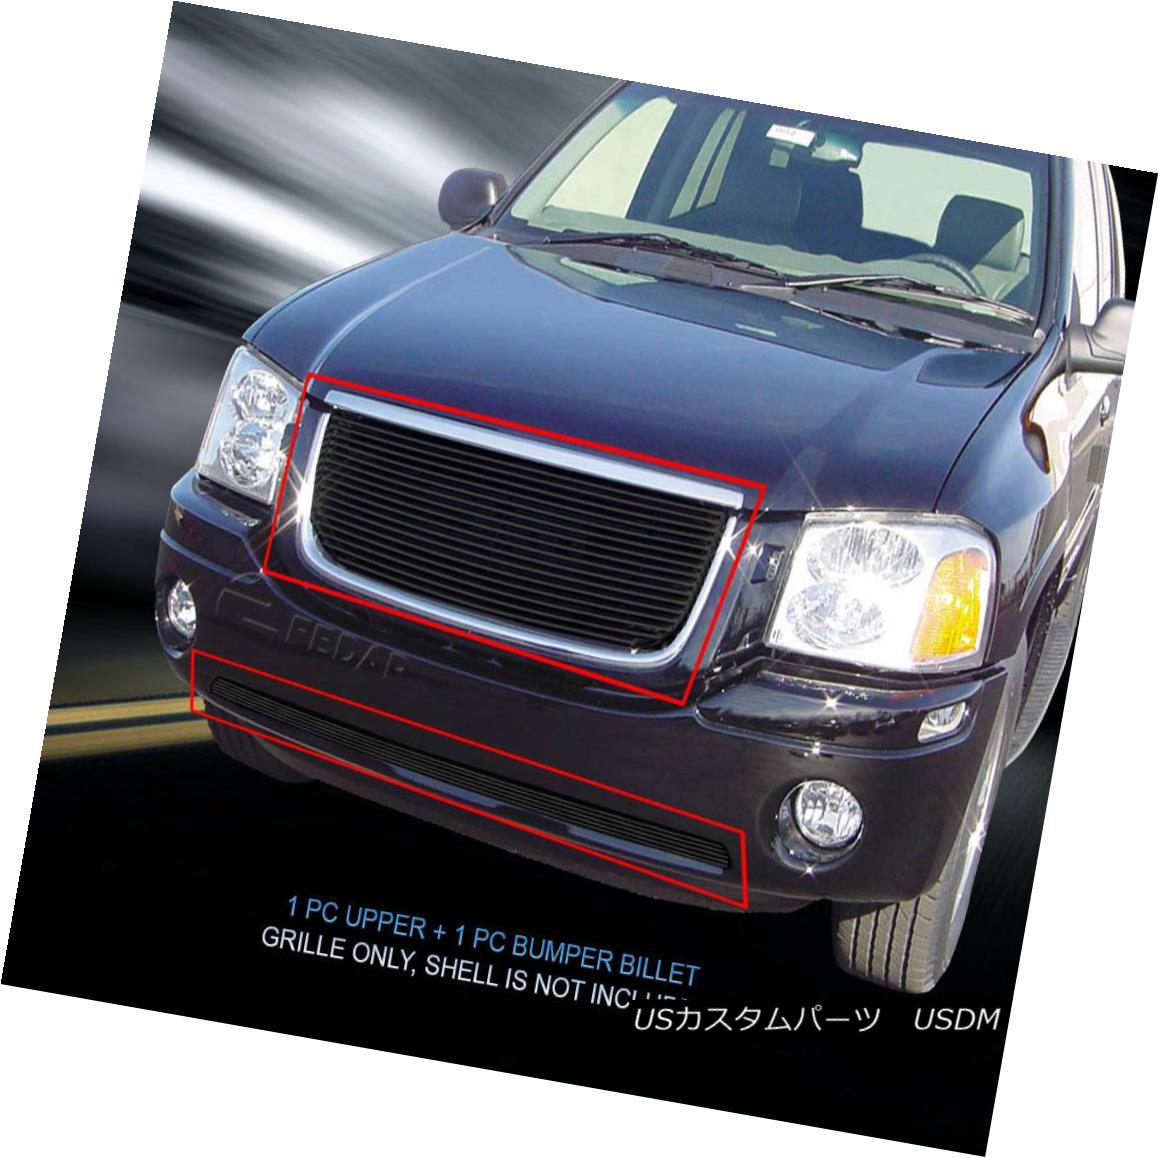 グリル Fits 2001-2009 GMC Envoy Black Billet Grille Combo Grill Fedar 2001-2009 GMC Envoy Black Billet Grille Combo Grill Fedarに適合